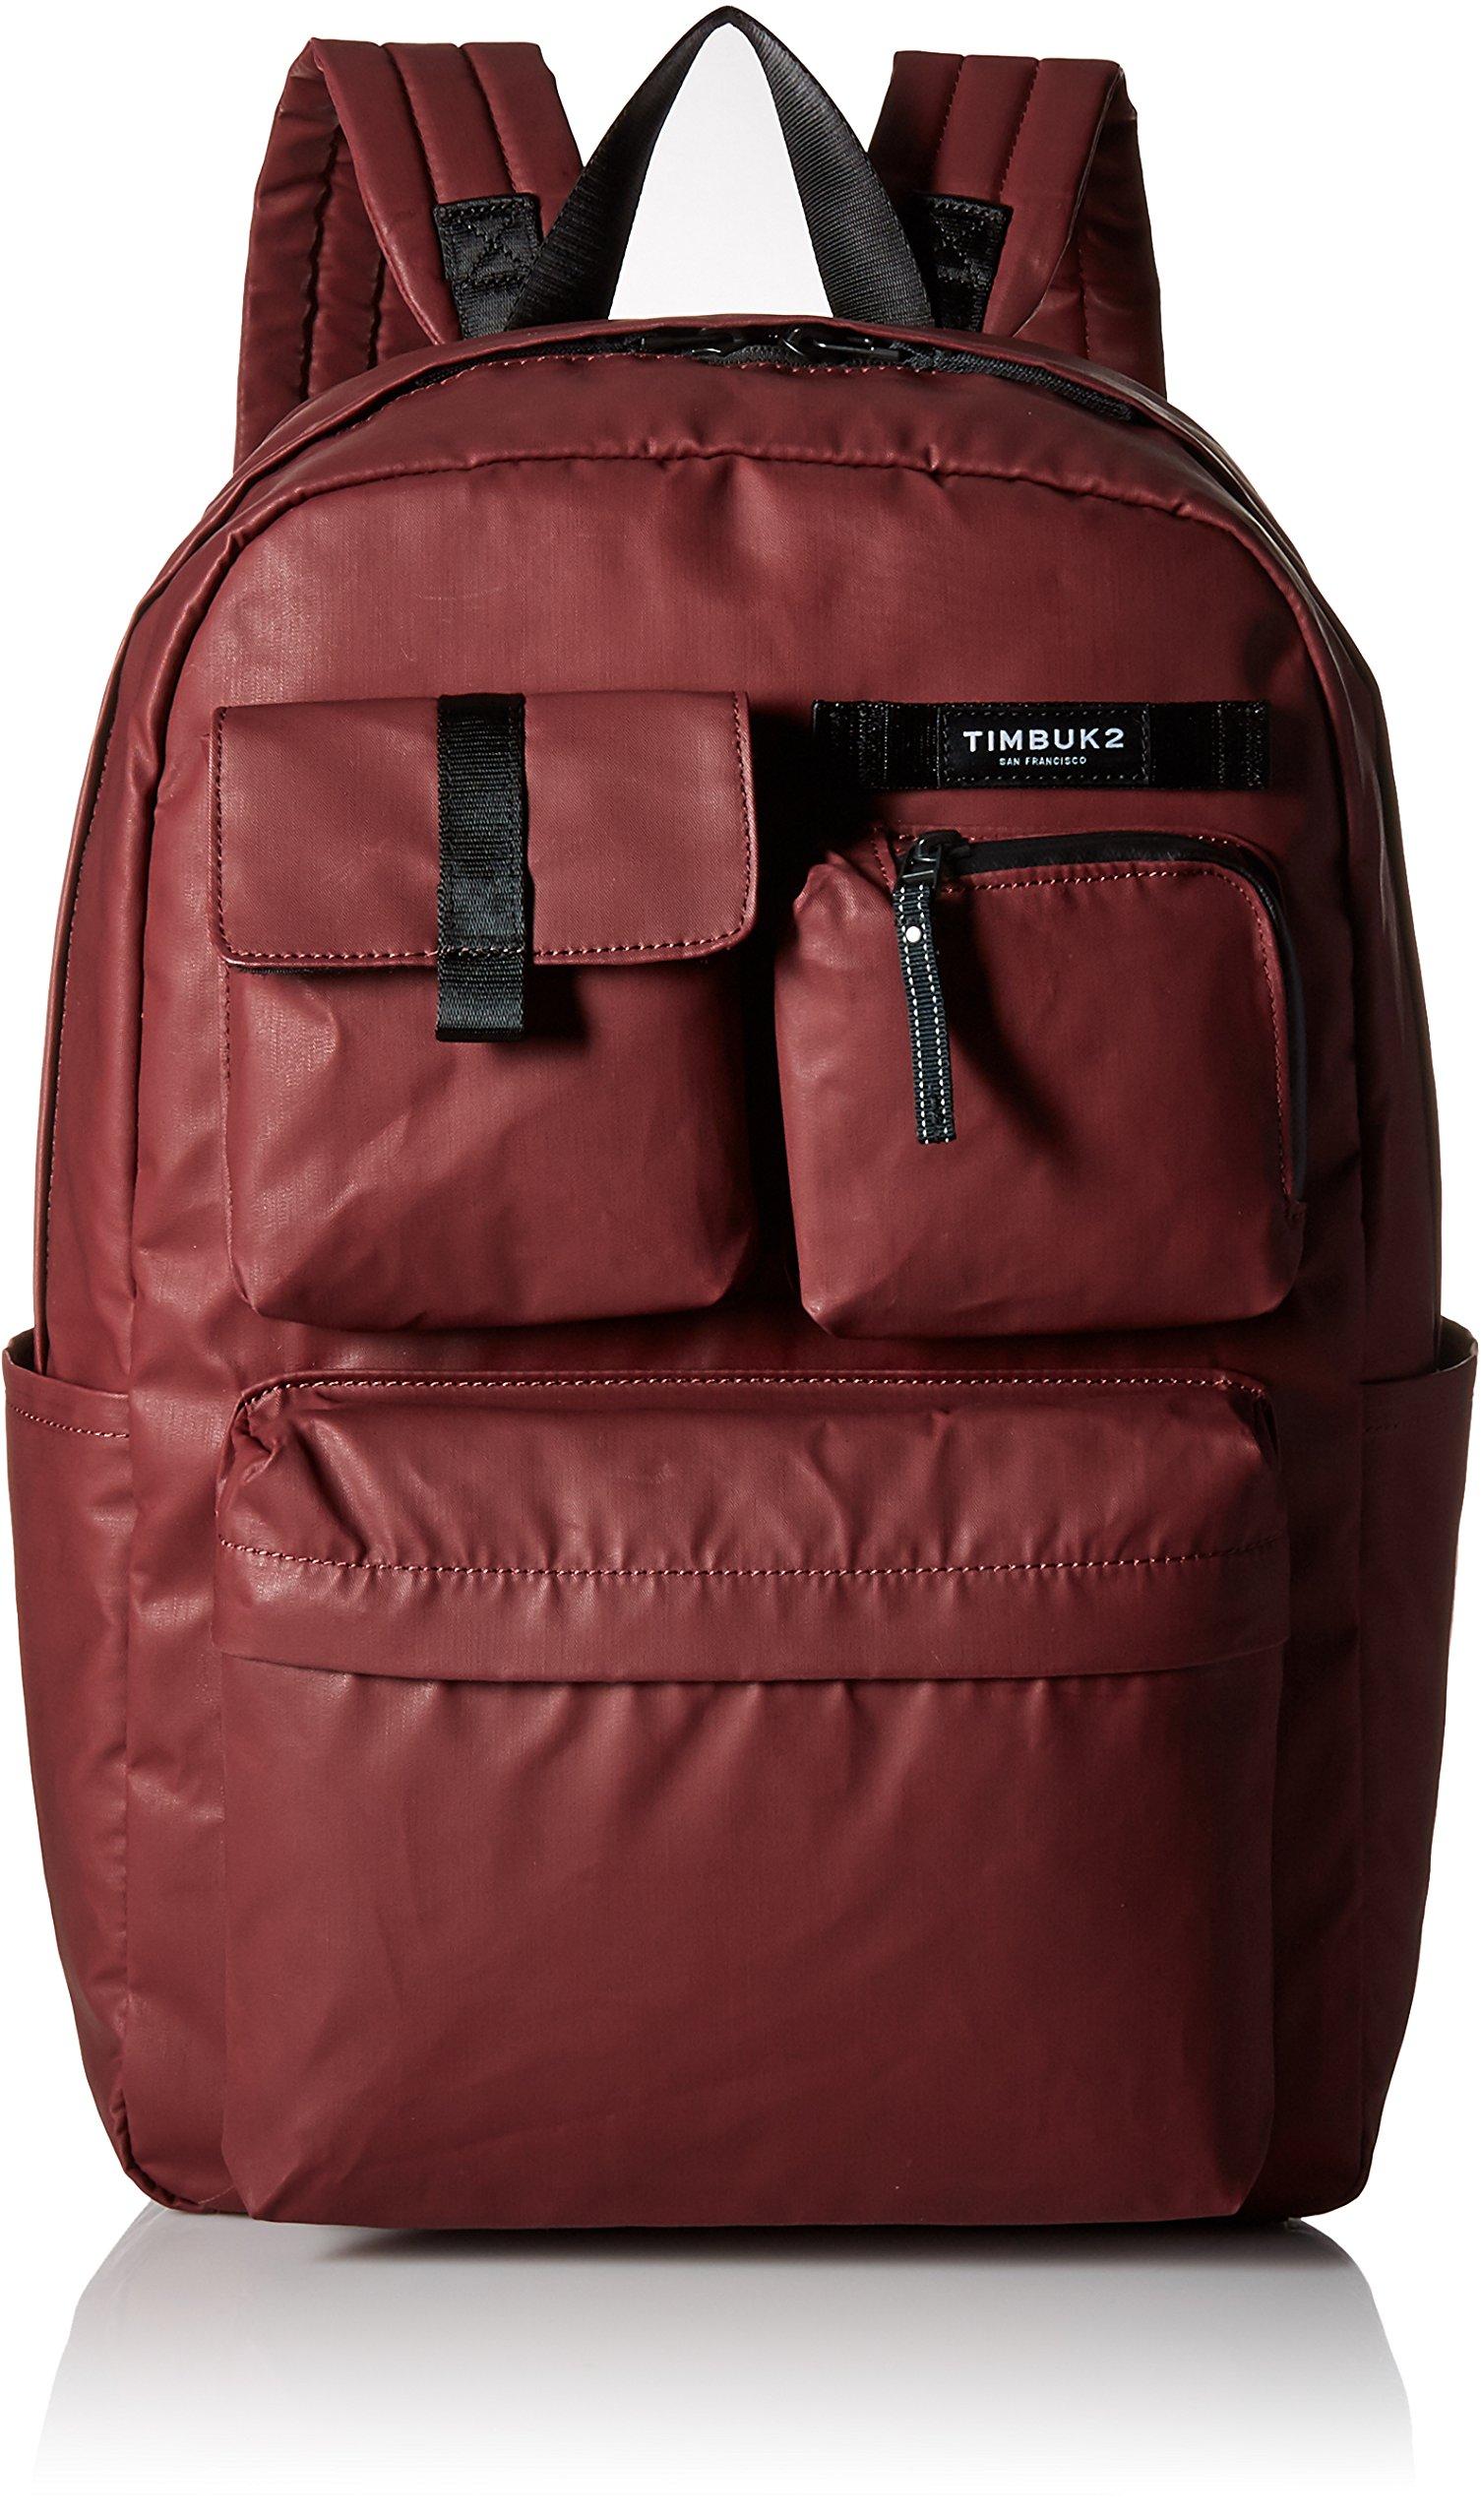 Timbuk2 Ramble Pack Twill, OS, Merlot, One Size